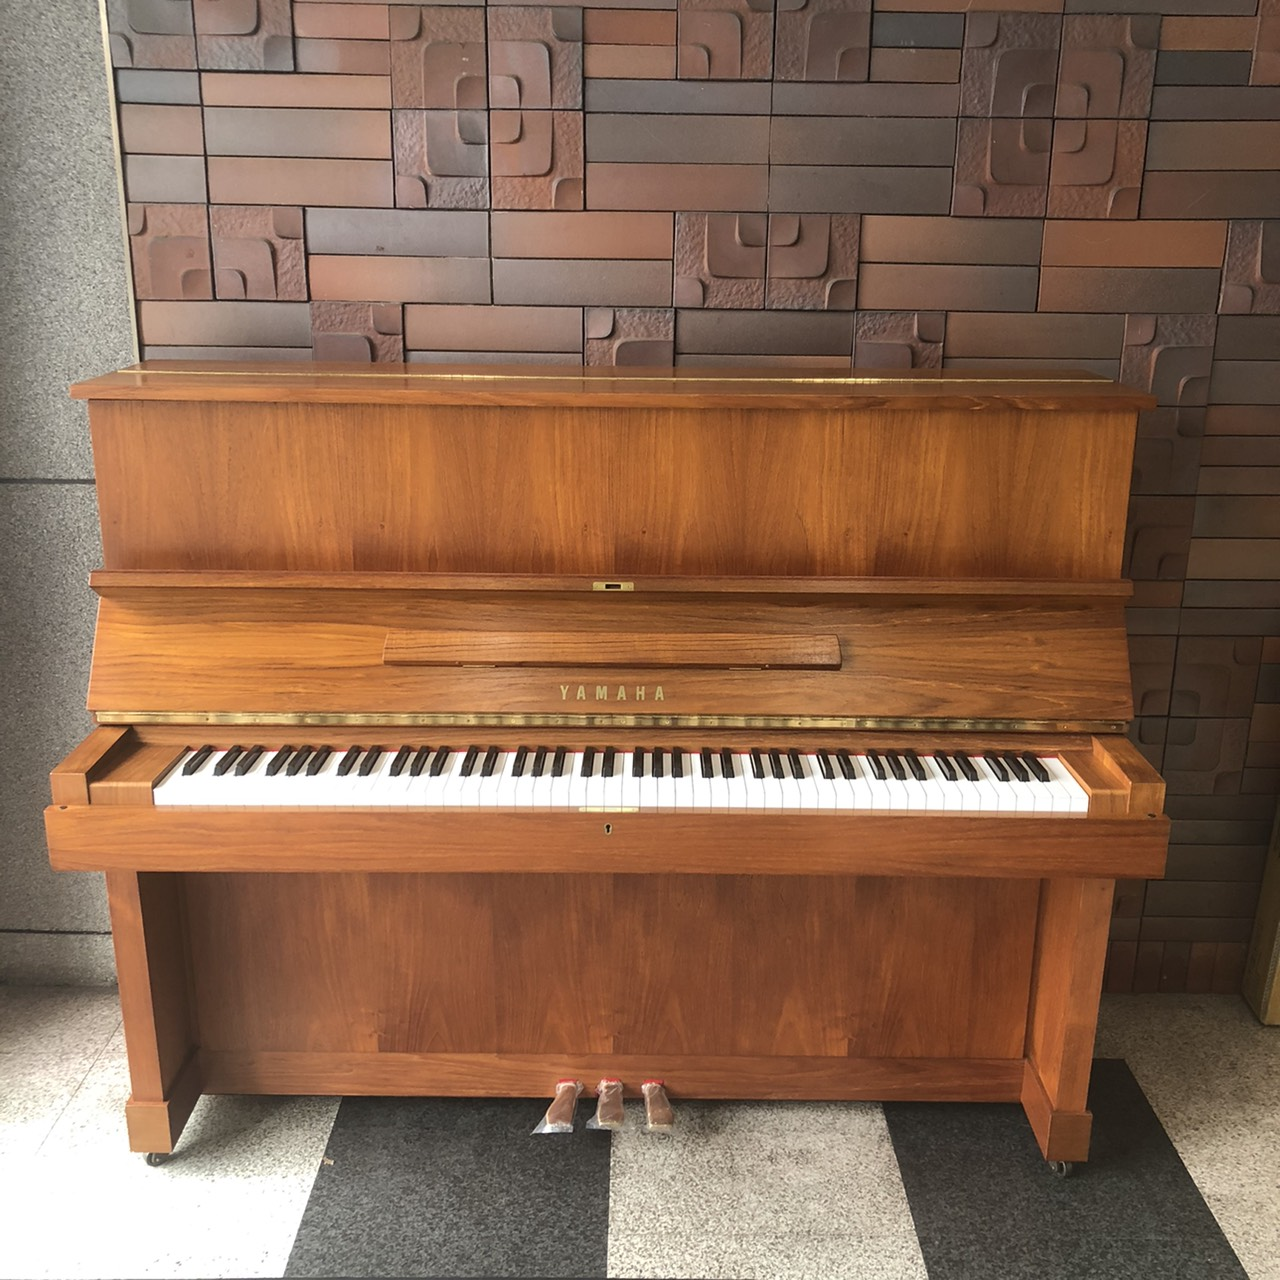 ヤマハ 木目中古ピアノ W103【動画あり】